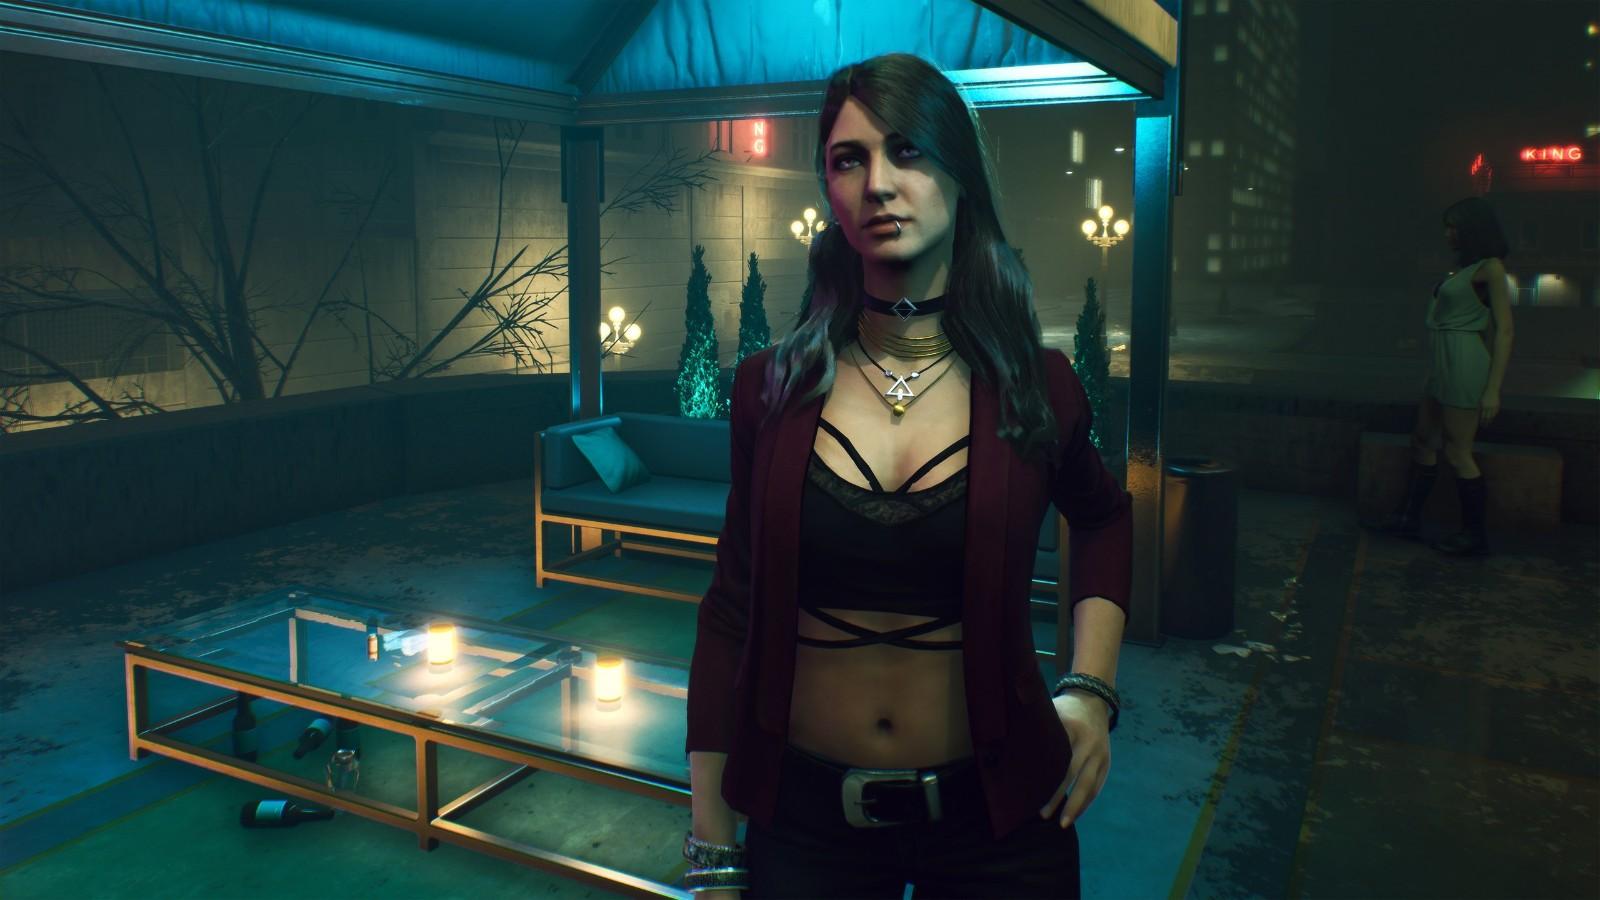 《吸血鬼:避世血族2》解雇叙事设计师、创意总监 (3)